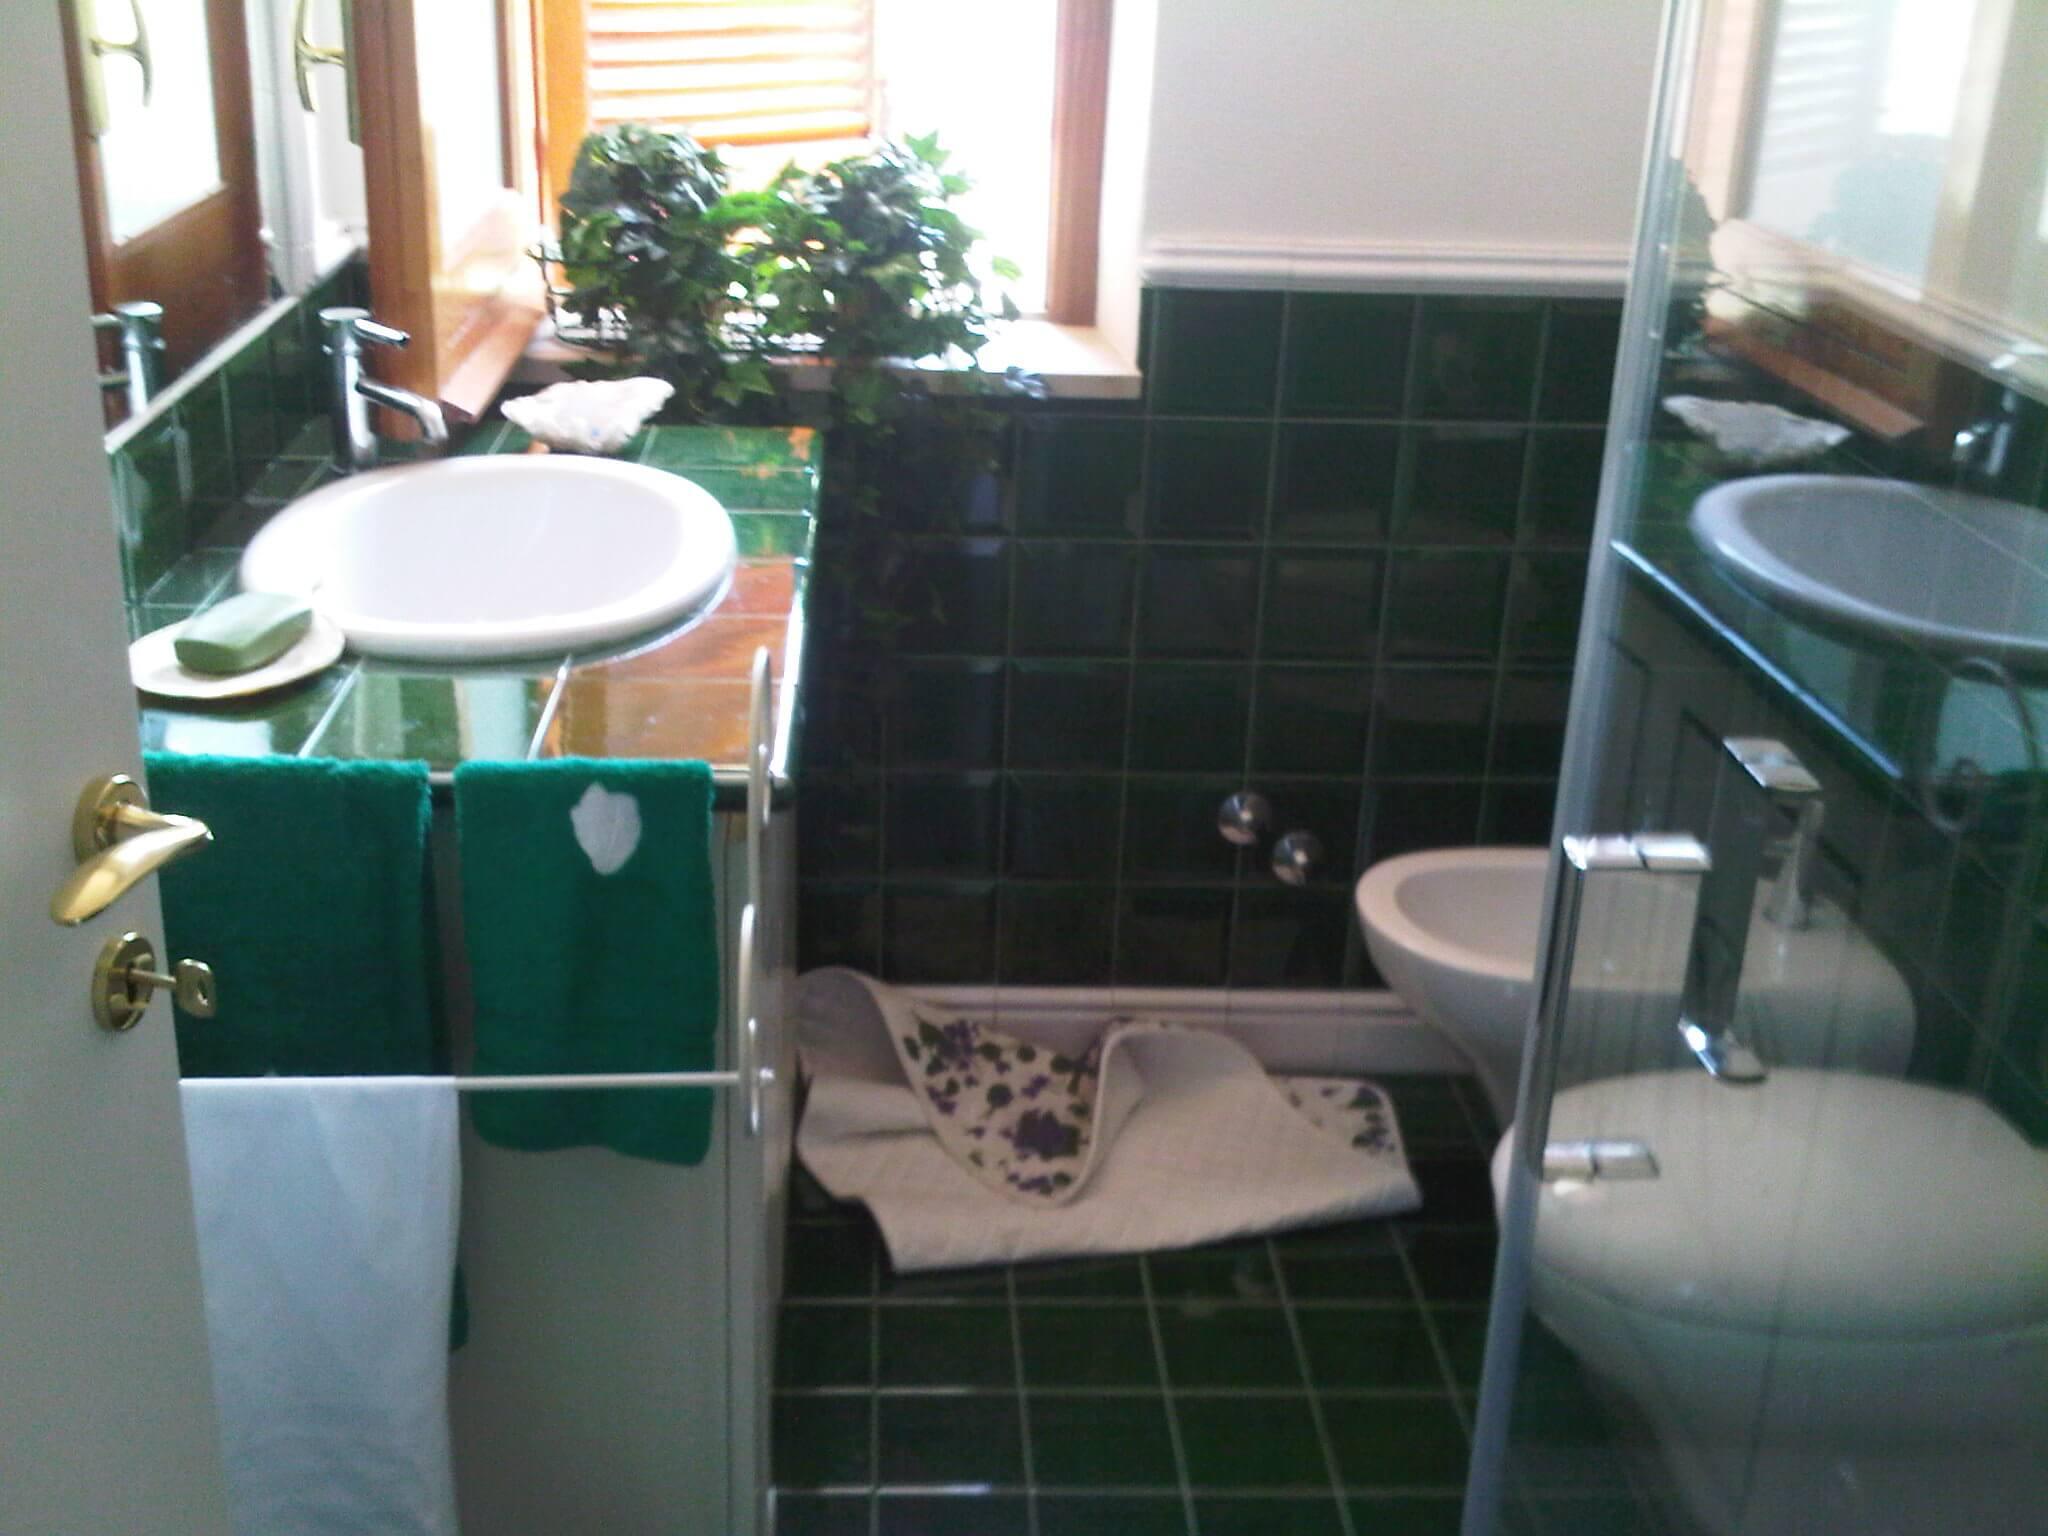 bagno con mattone verdi, sanitari e mobile bianco